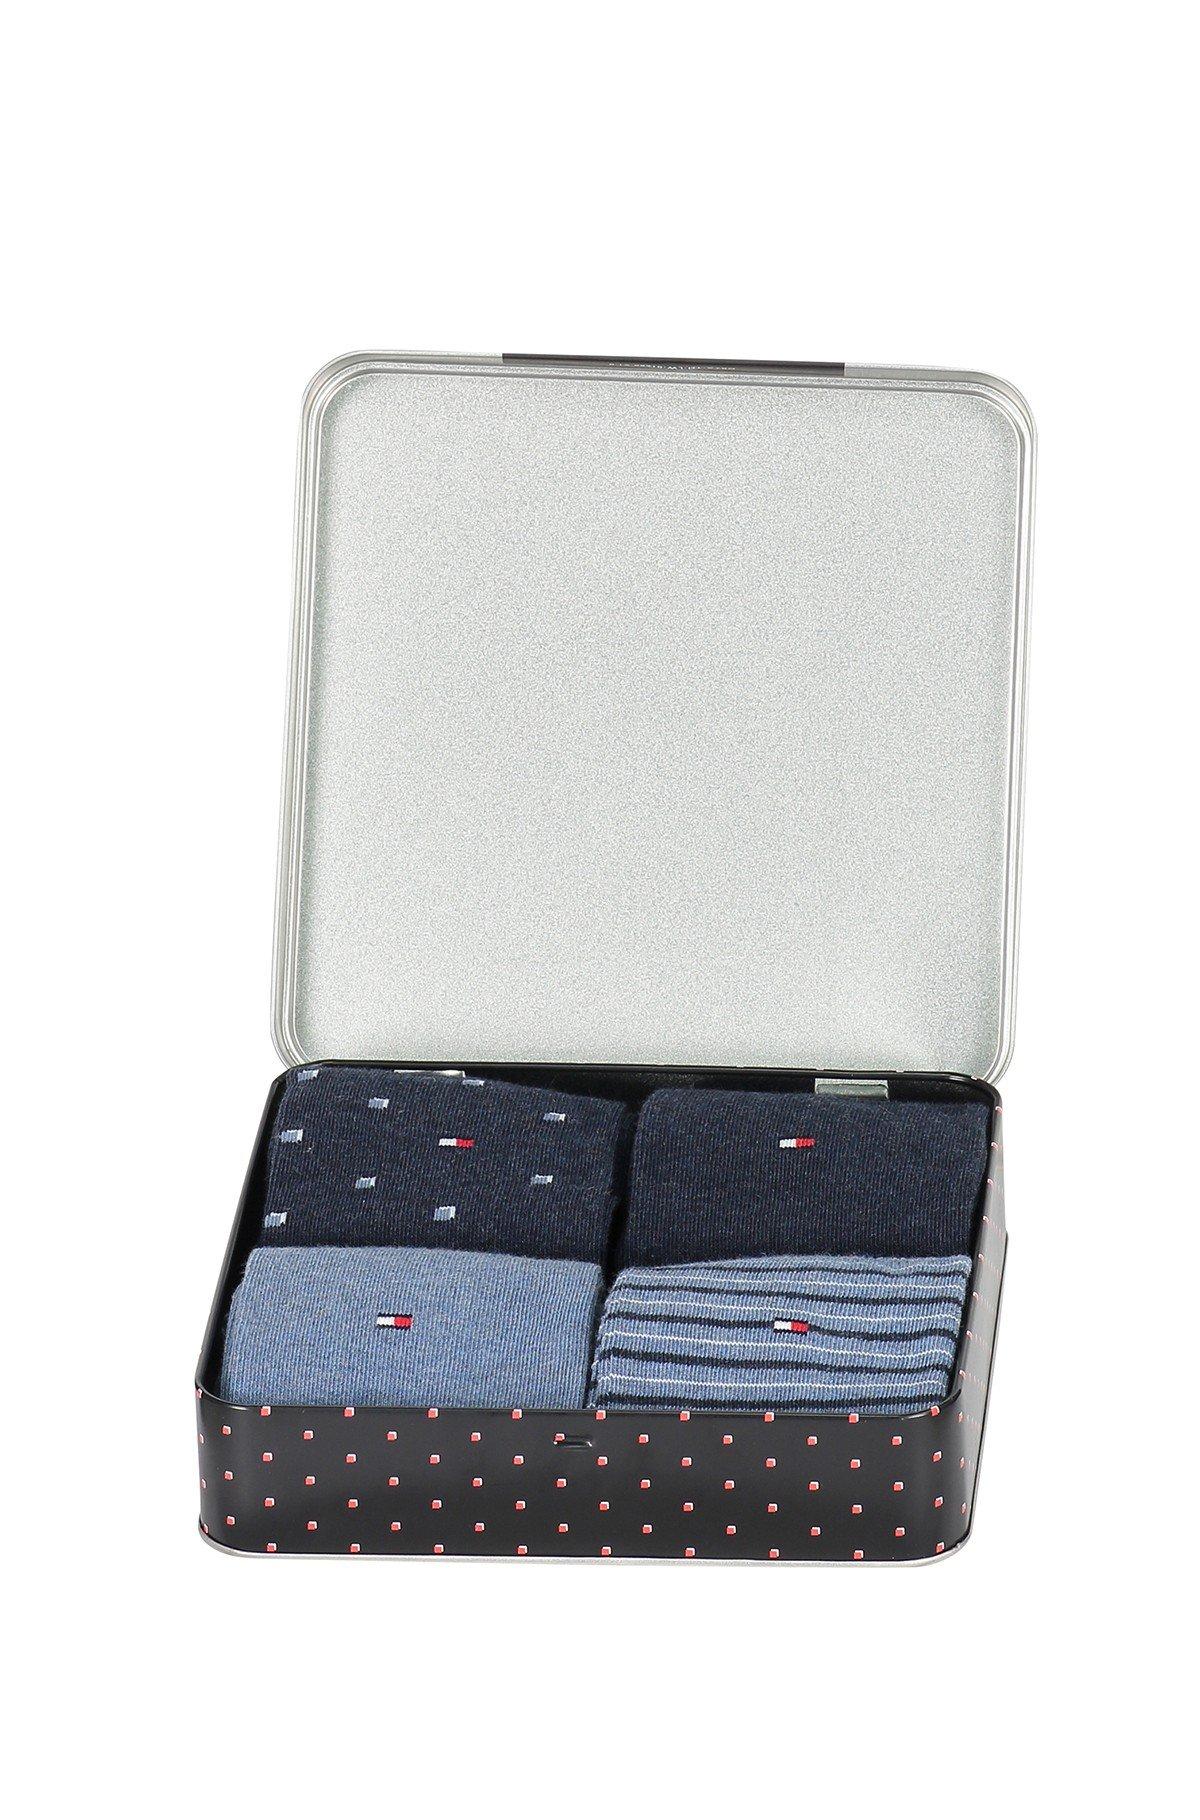 Socks in gift box 100002214-full-3